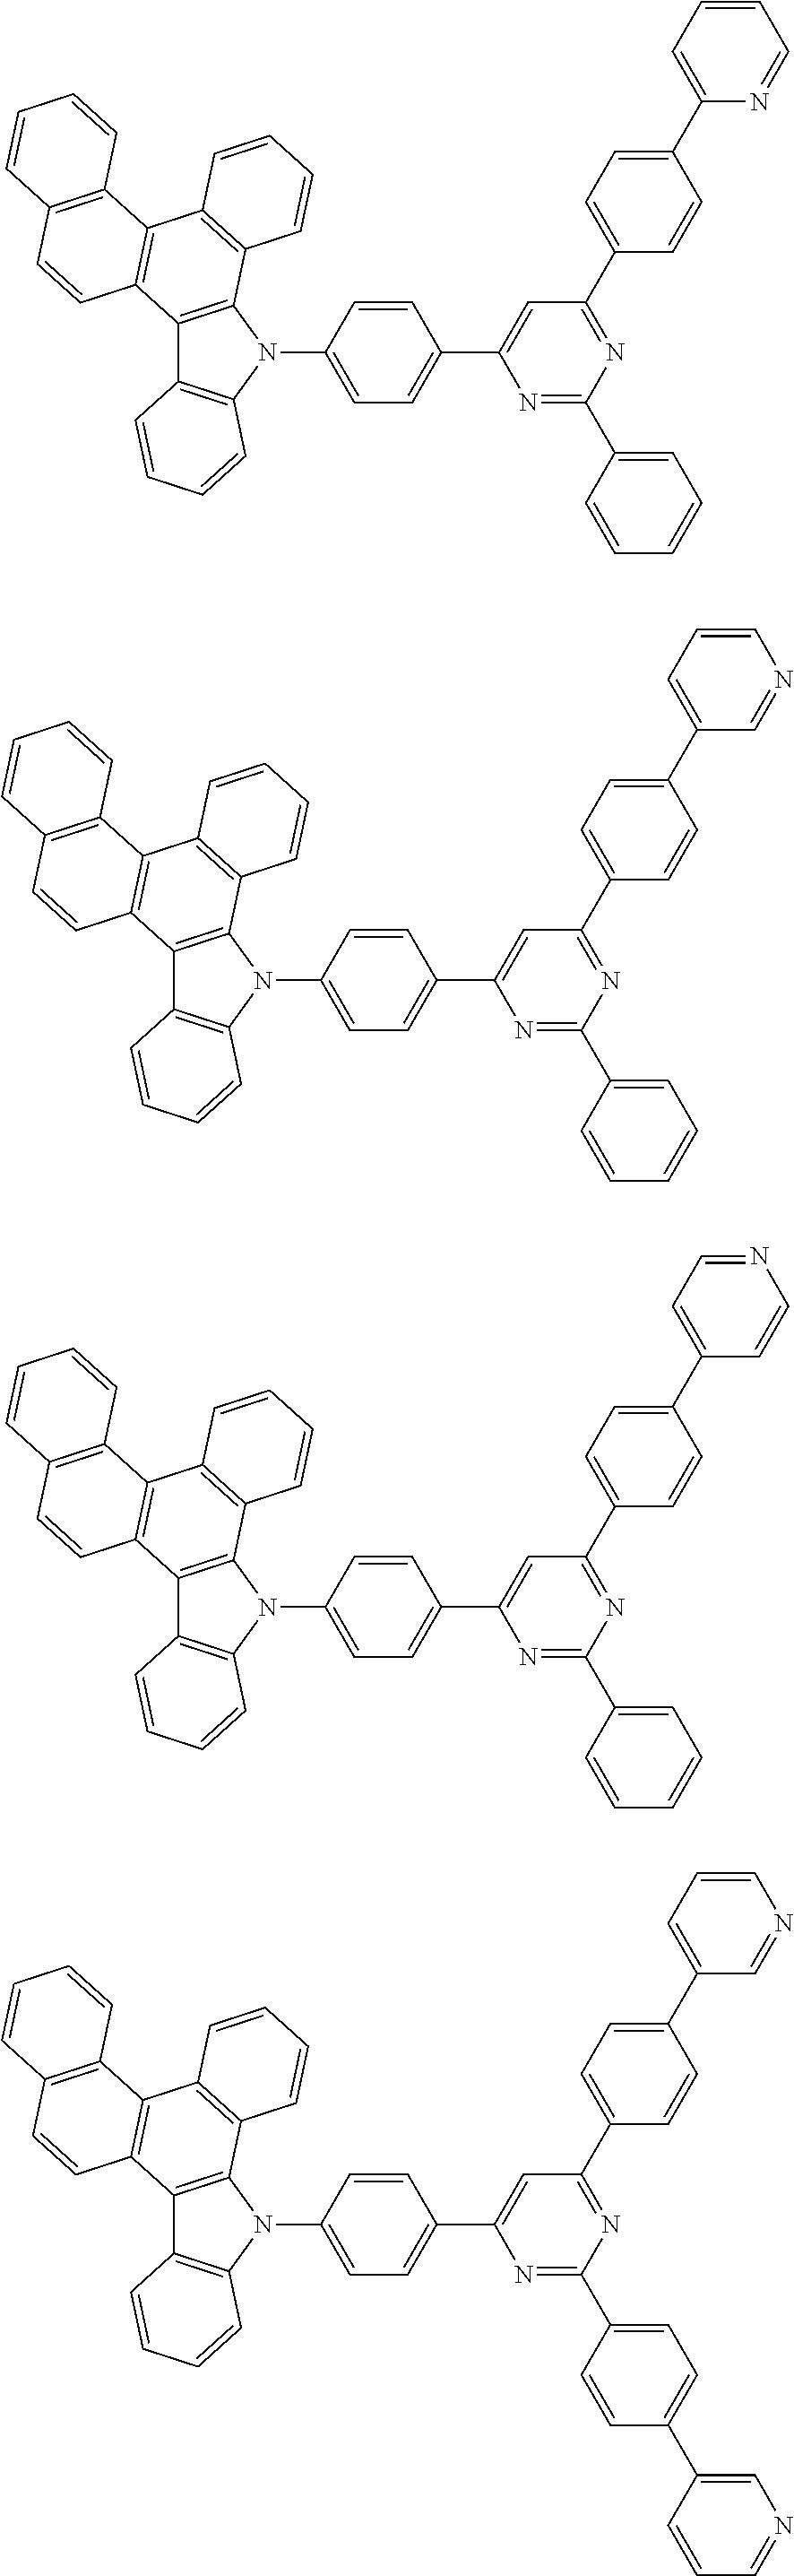 Figure US09837615-20171205-C00077